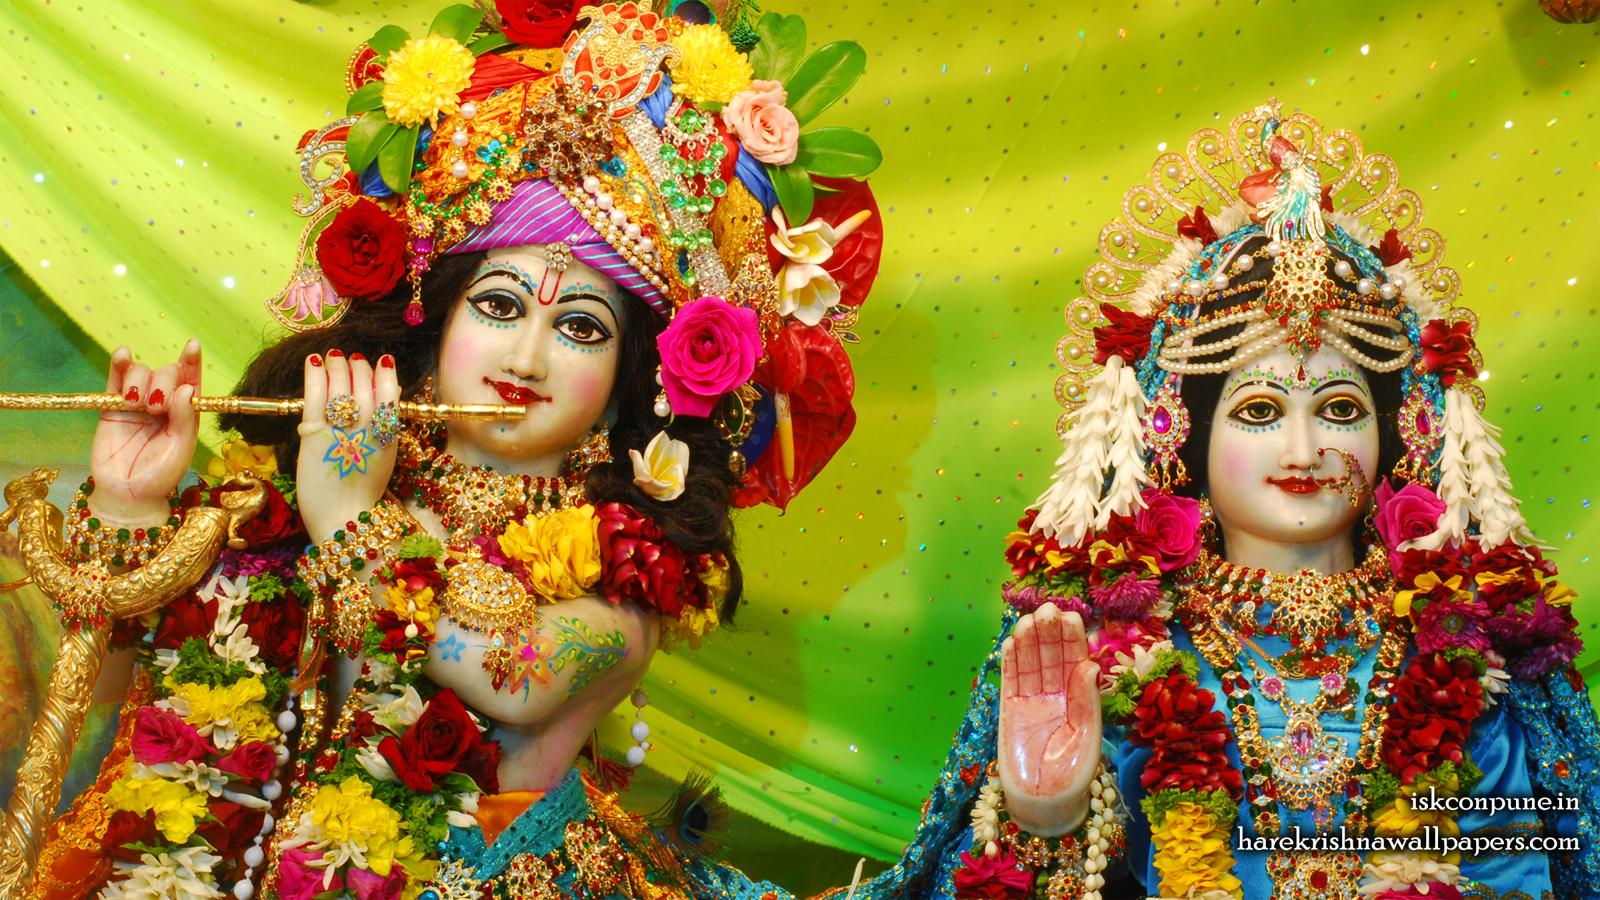 Sri Sri Radha Kunjabihari Close up Wallpaper (006) Size 1600x900 Download